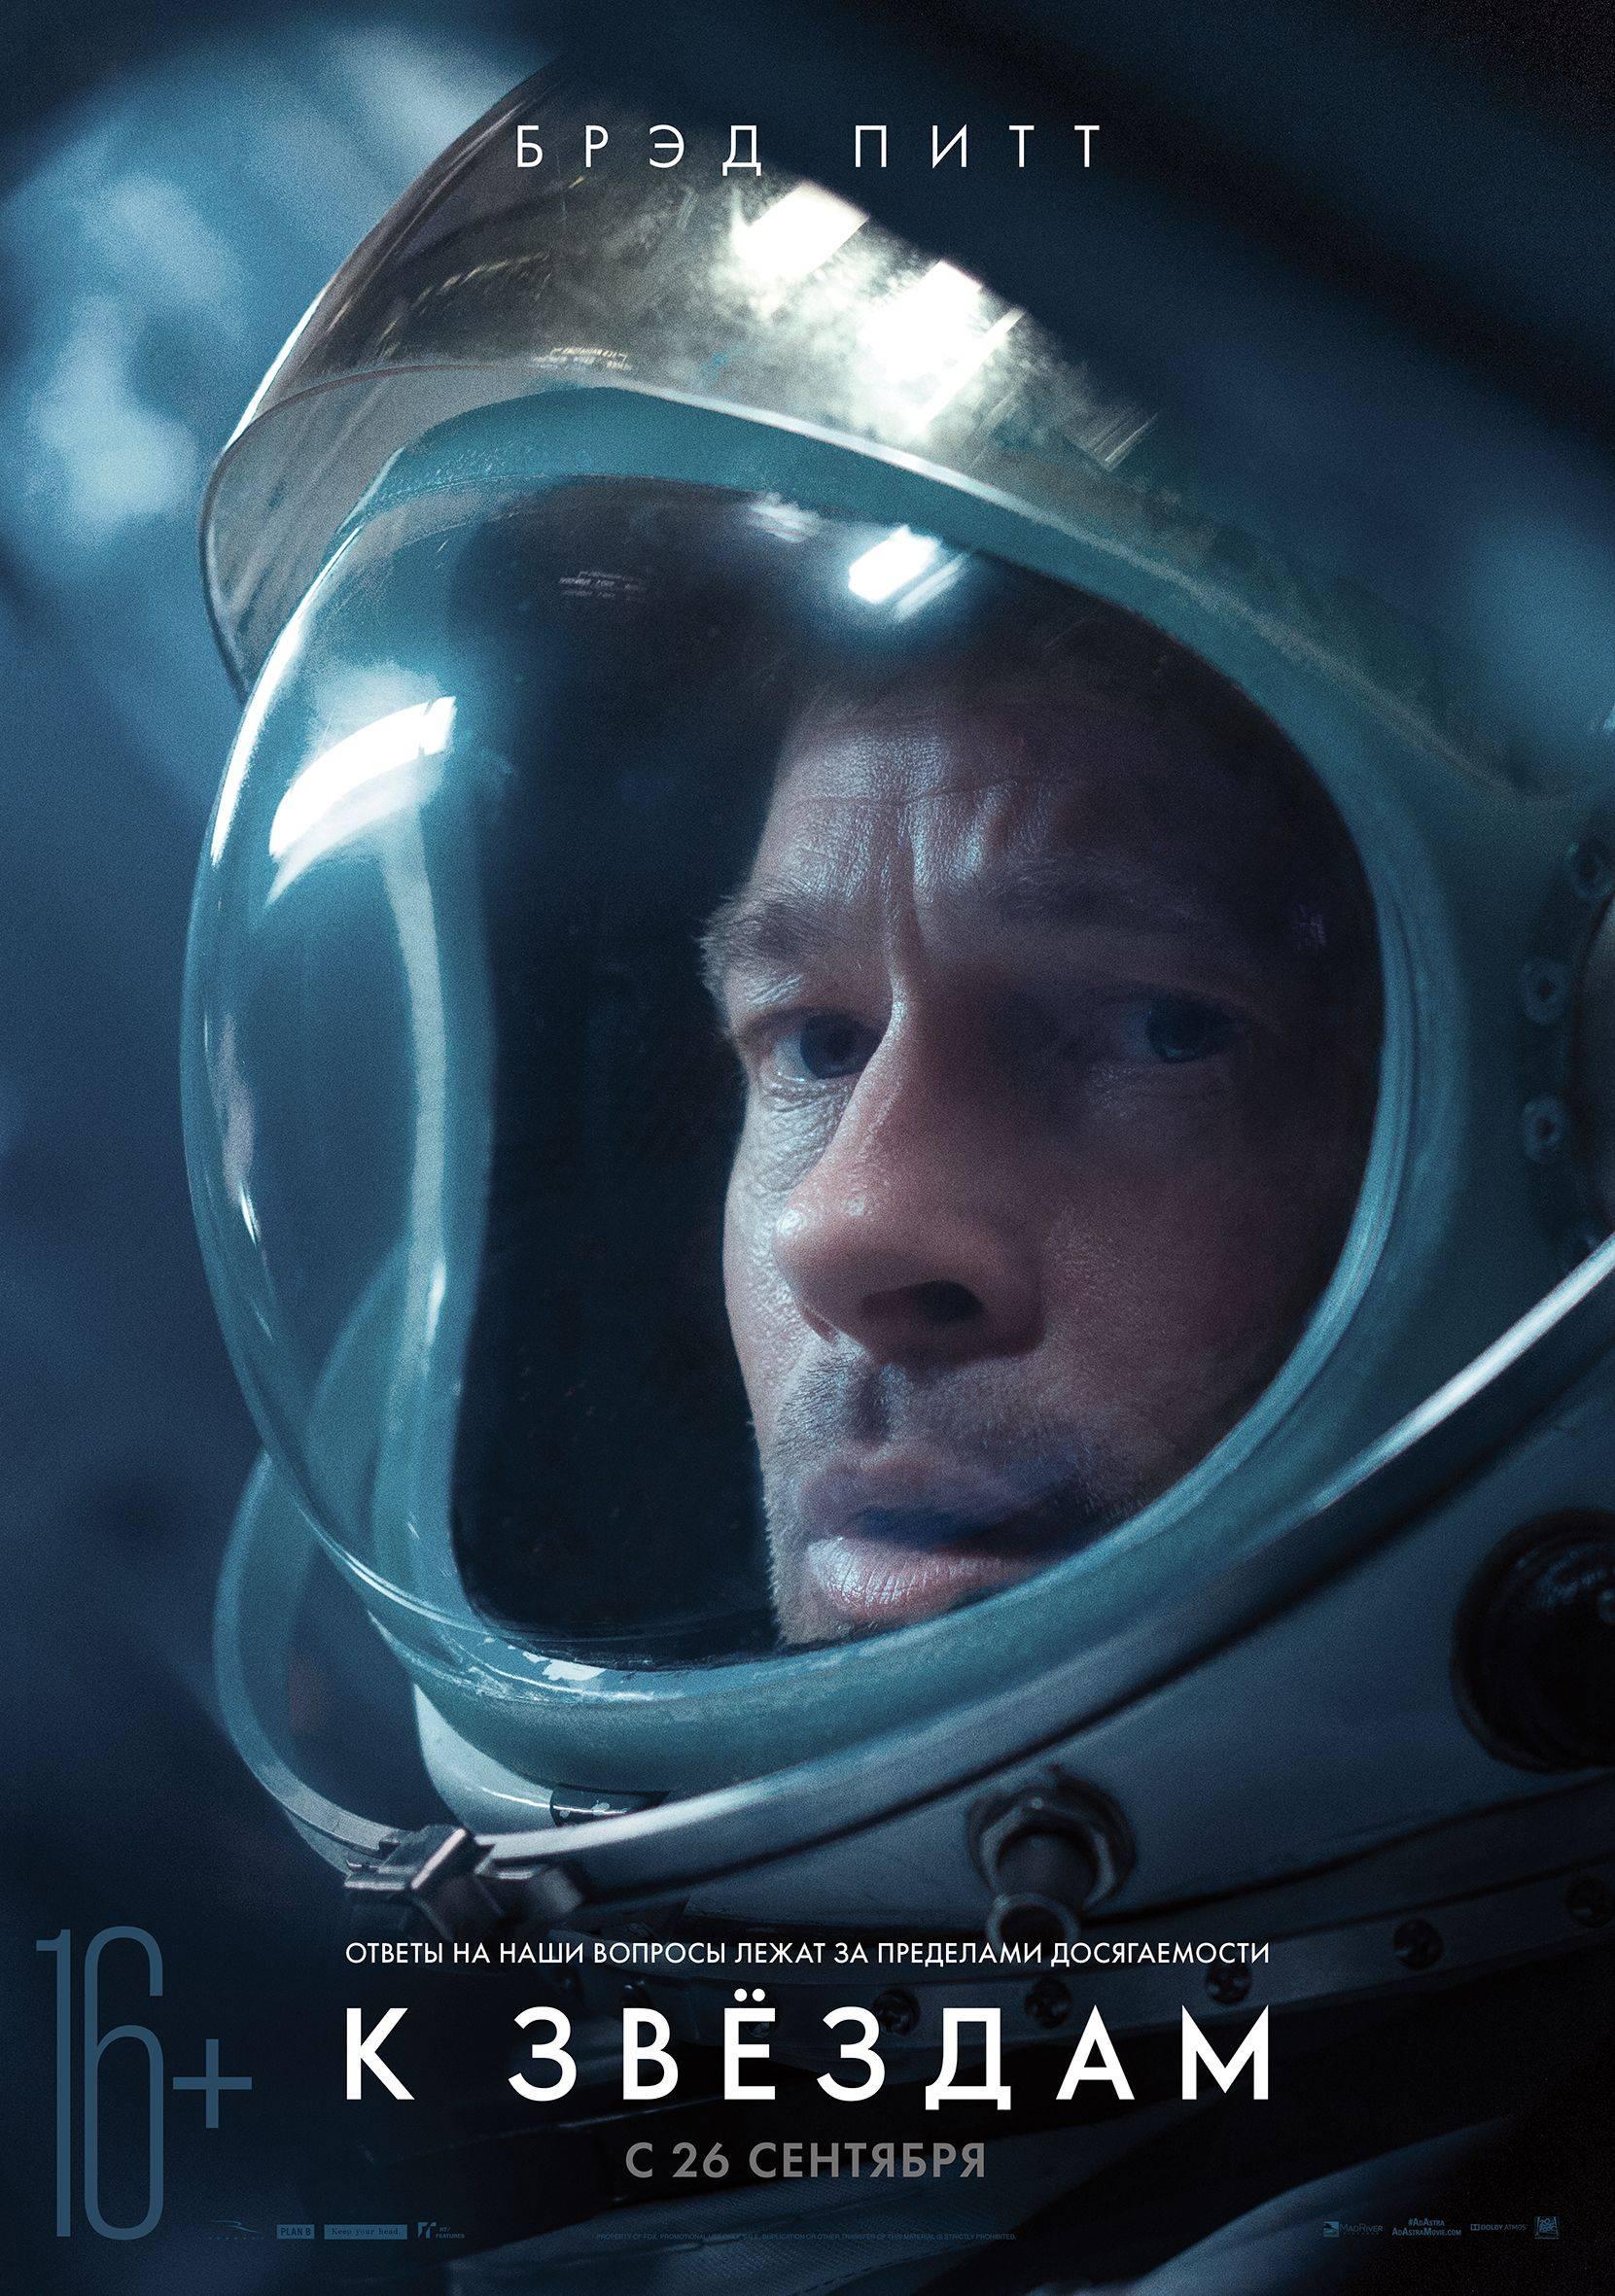 Второй трейлер научно-фантастической драмы «К звёздам» с Брэдом Питтом в главном роли